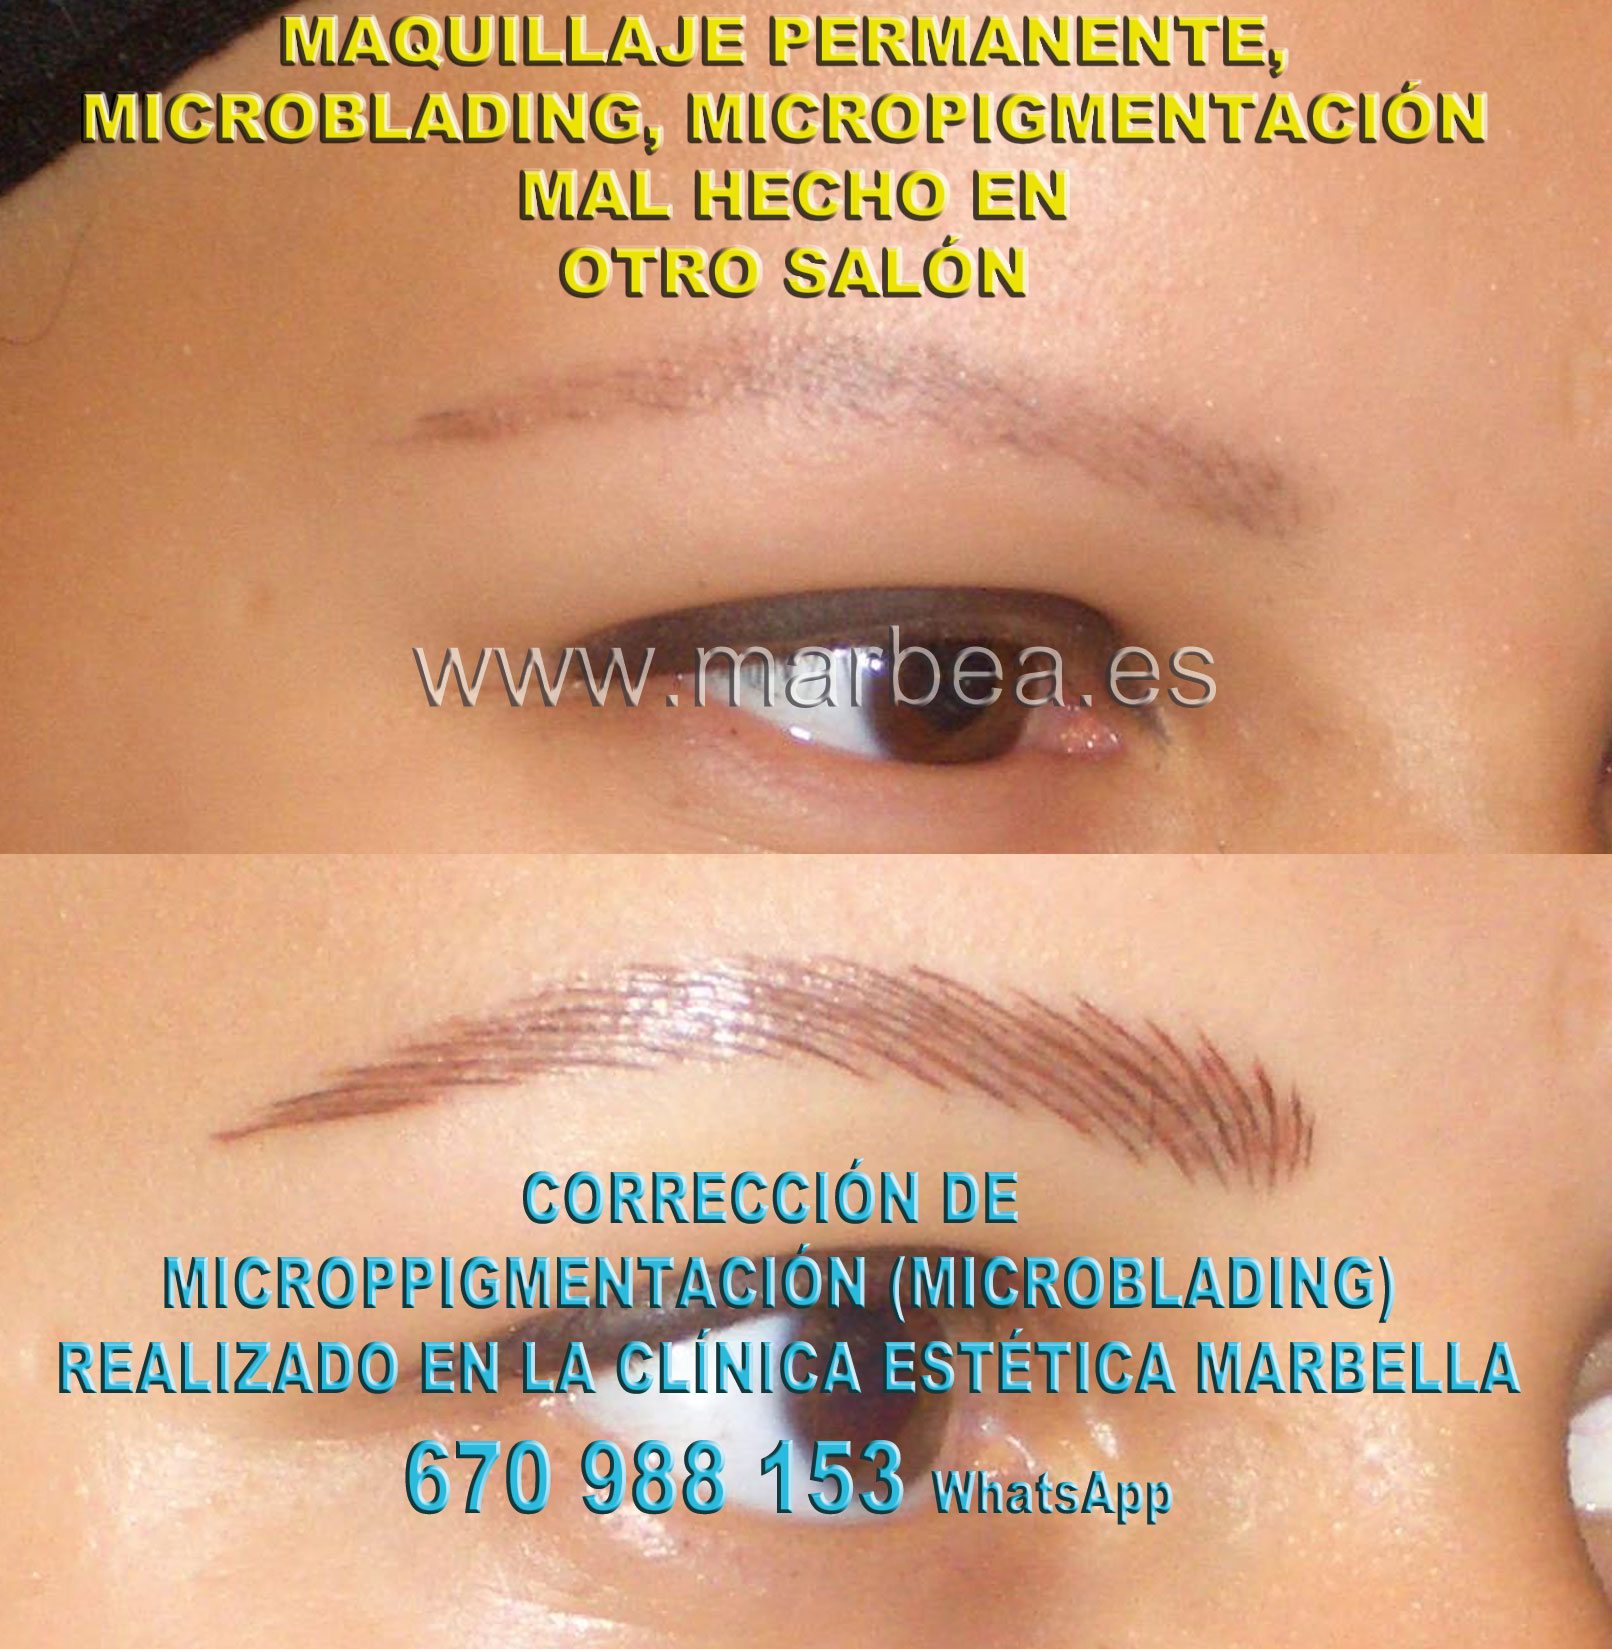 Borrar maquillaje permanente mal hecha clínica estética delineados ofrece corrección de cejas mal tatuadas,reparamos microppigmentacion mal hechos